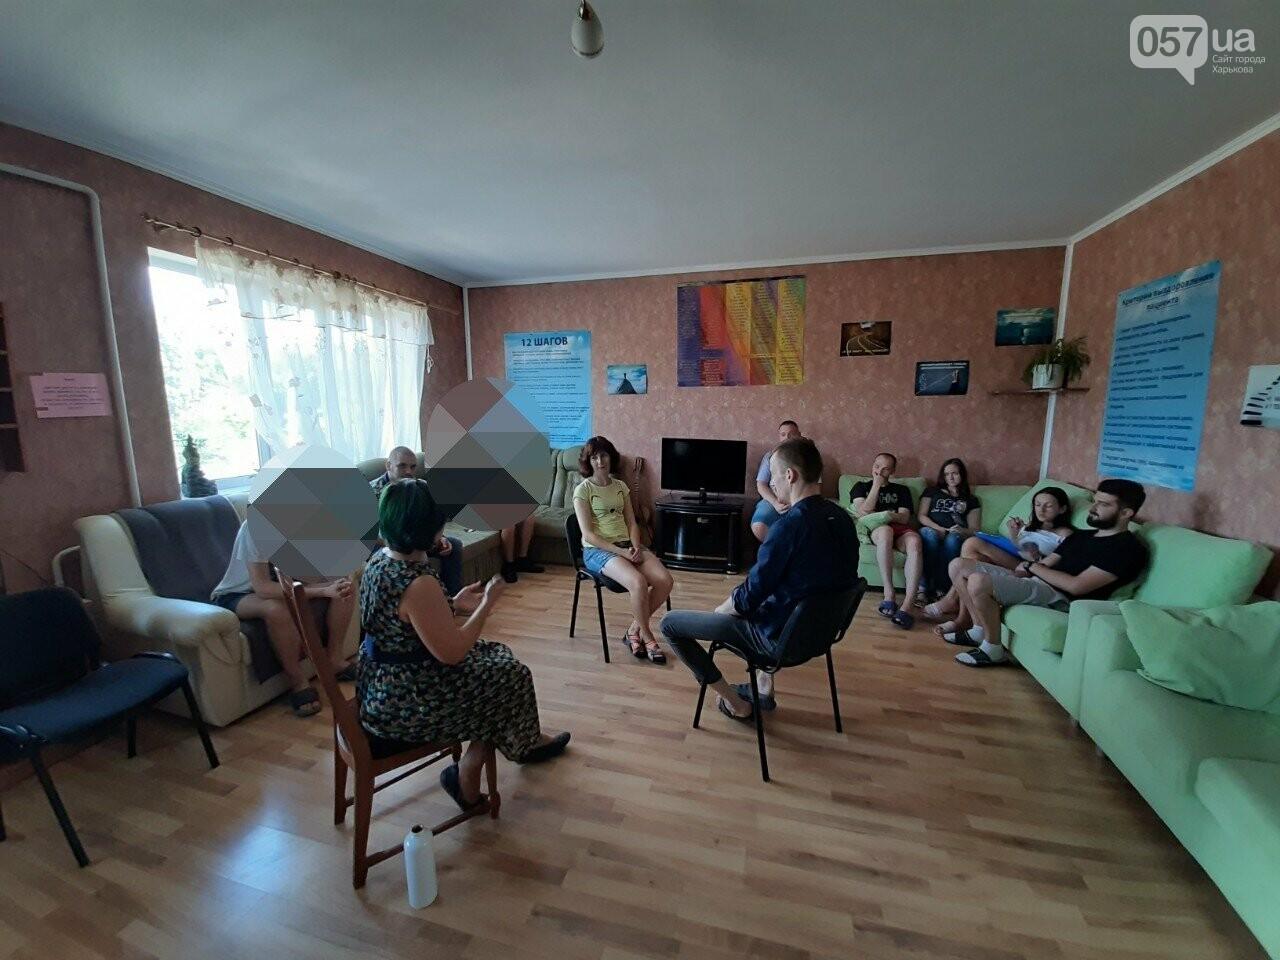 Реабилитационные центры в Харькове, лечение наркомании, лечение алкоголизма, фото-20